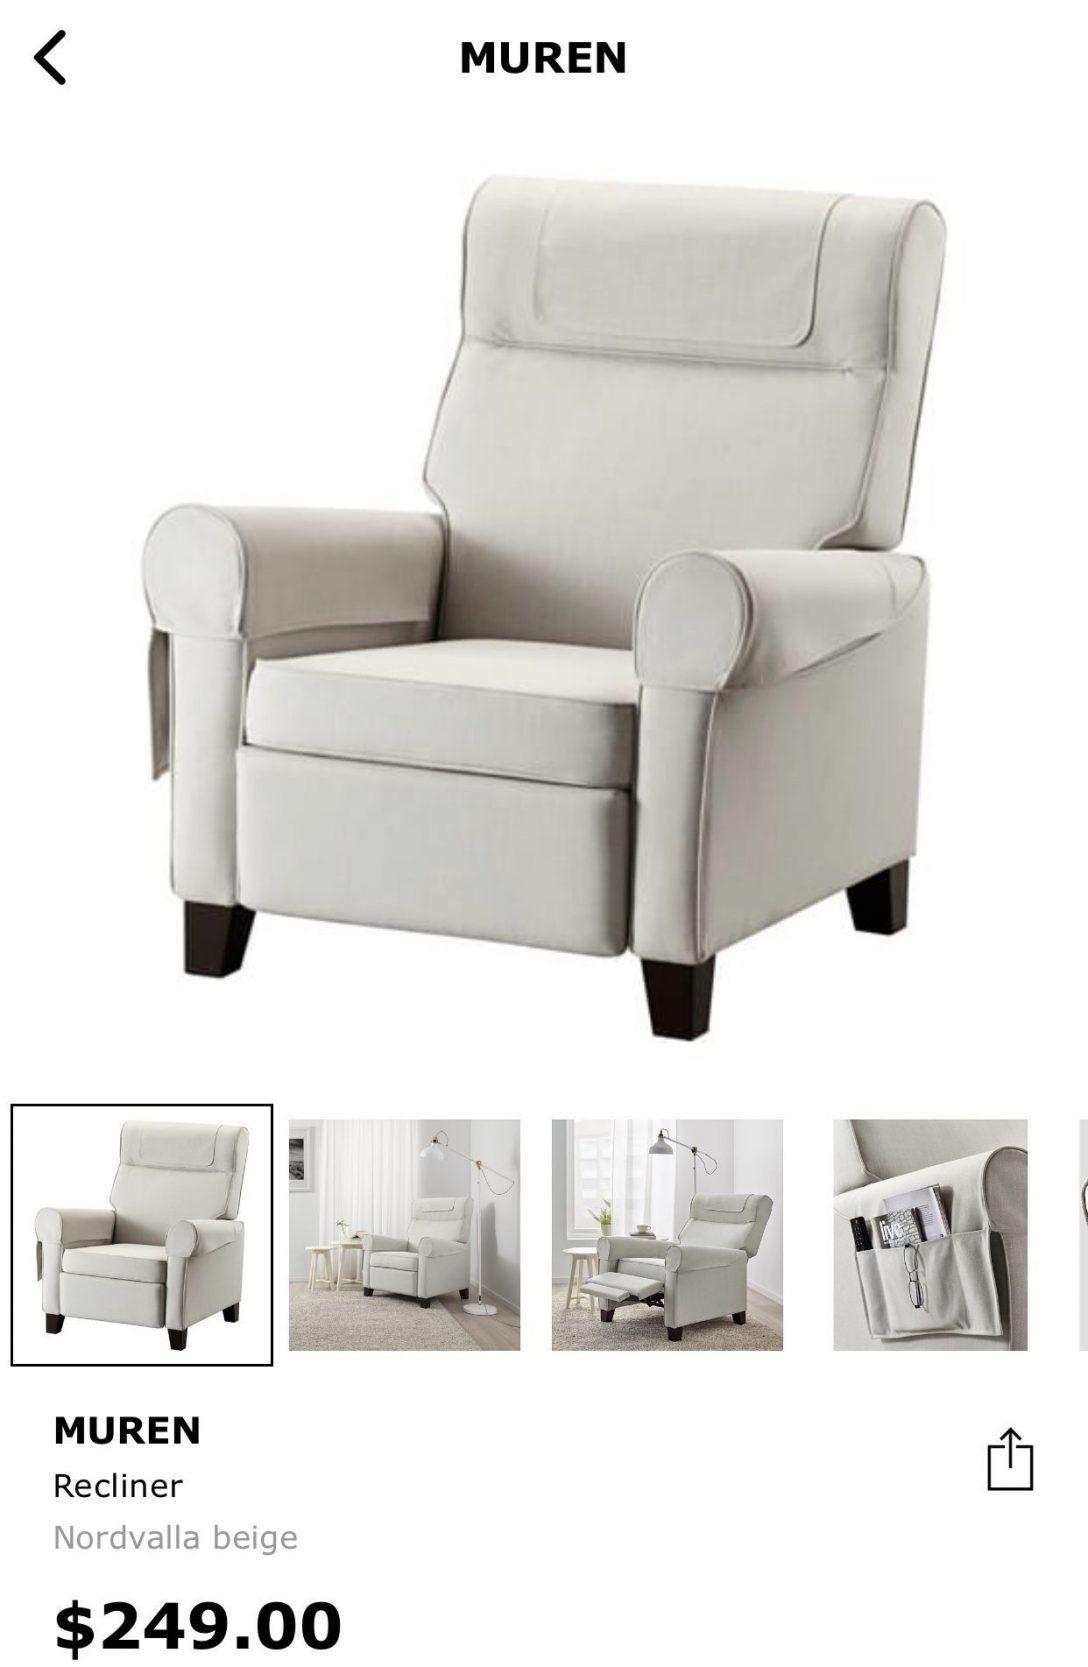 Large Size of Liegestuhl Ikea Recliner Küche Kaufen Betten 160x200 Kosten Garten Bei Miniküche Modulküche Sofa Mit Schlaffunktion Wohnzimmer Liegestuhl Ikea